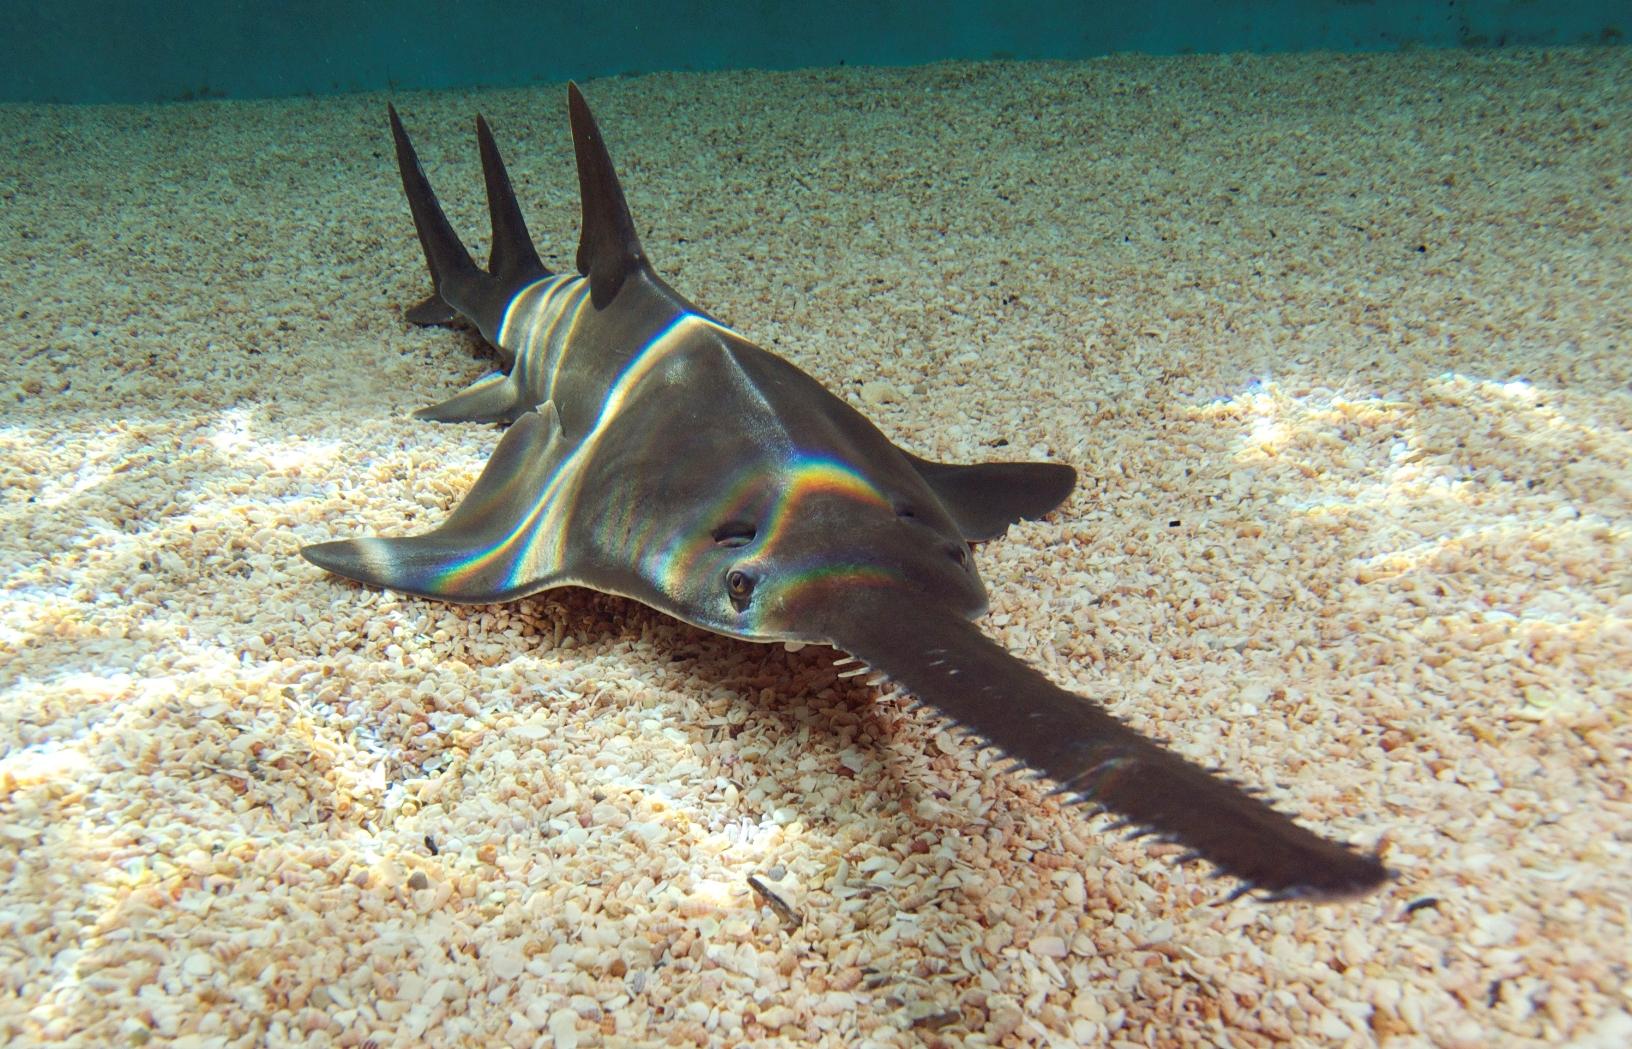 Sawfish looking at you wallpaper